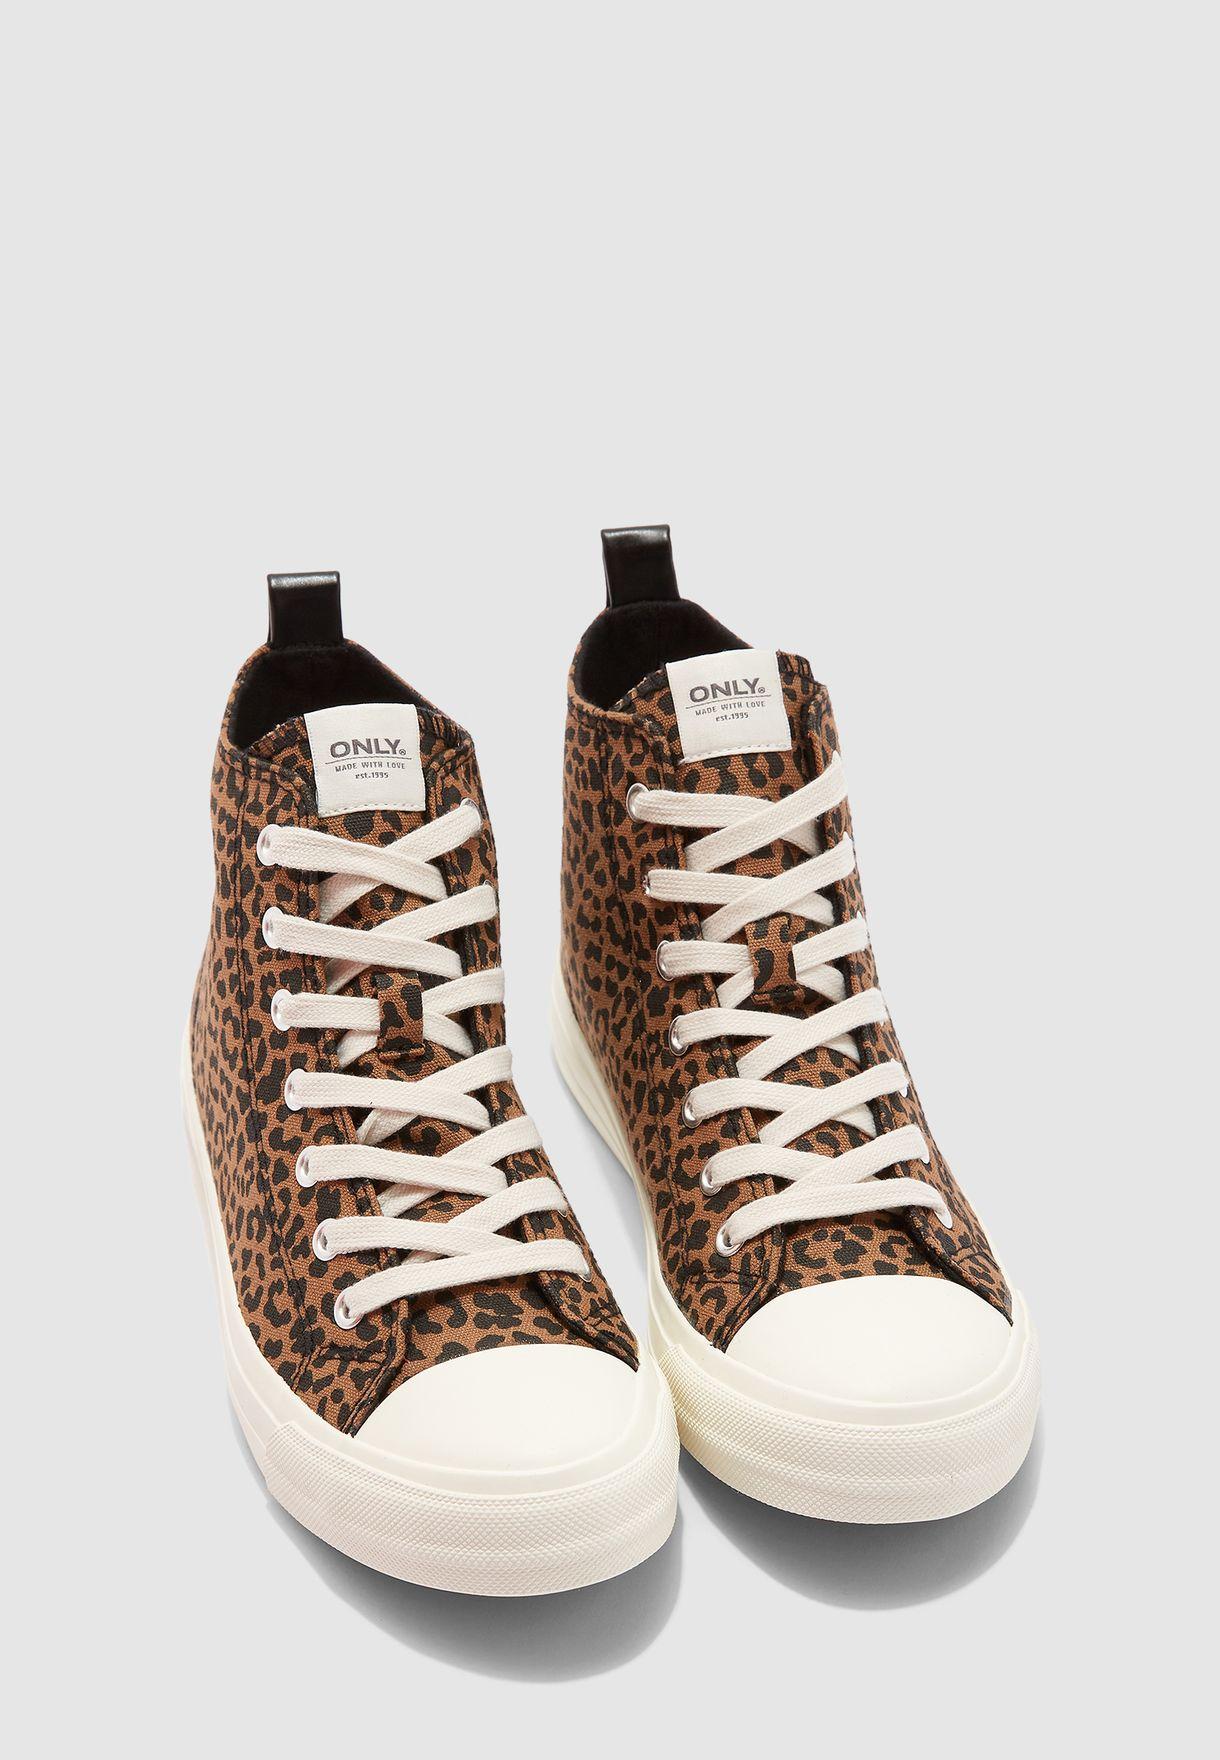 Salone Ankle Sneaker